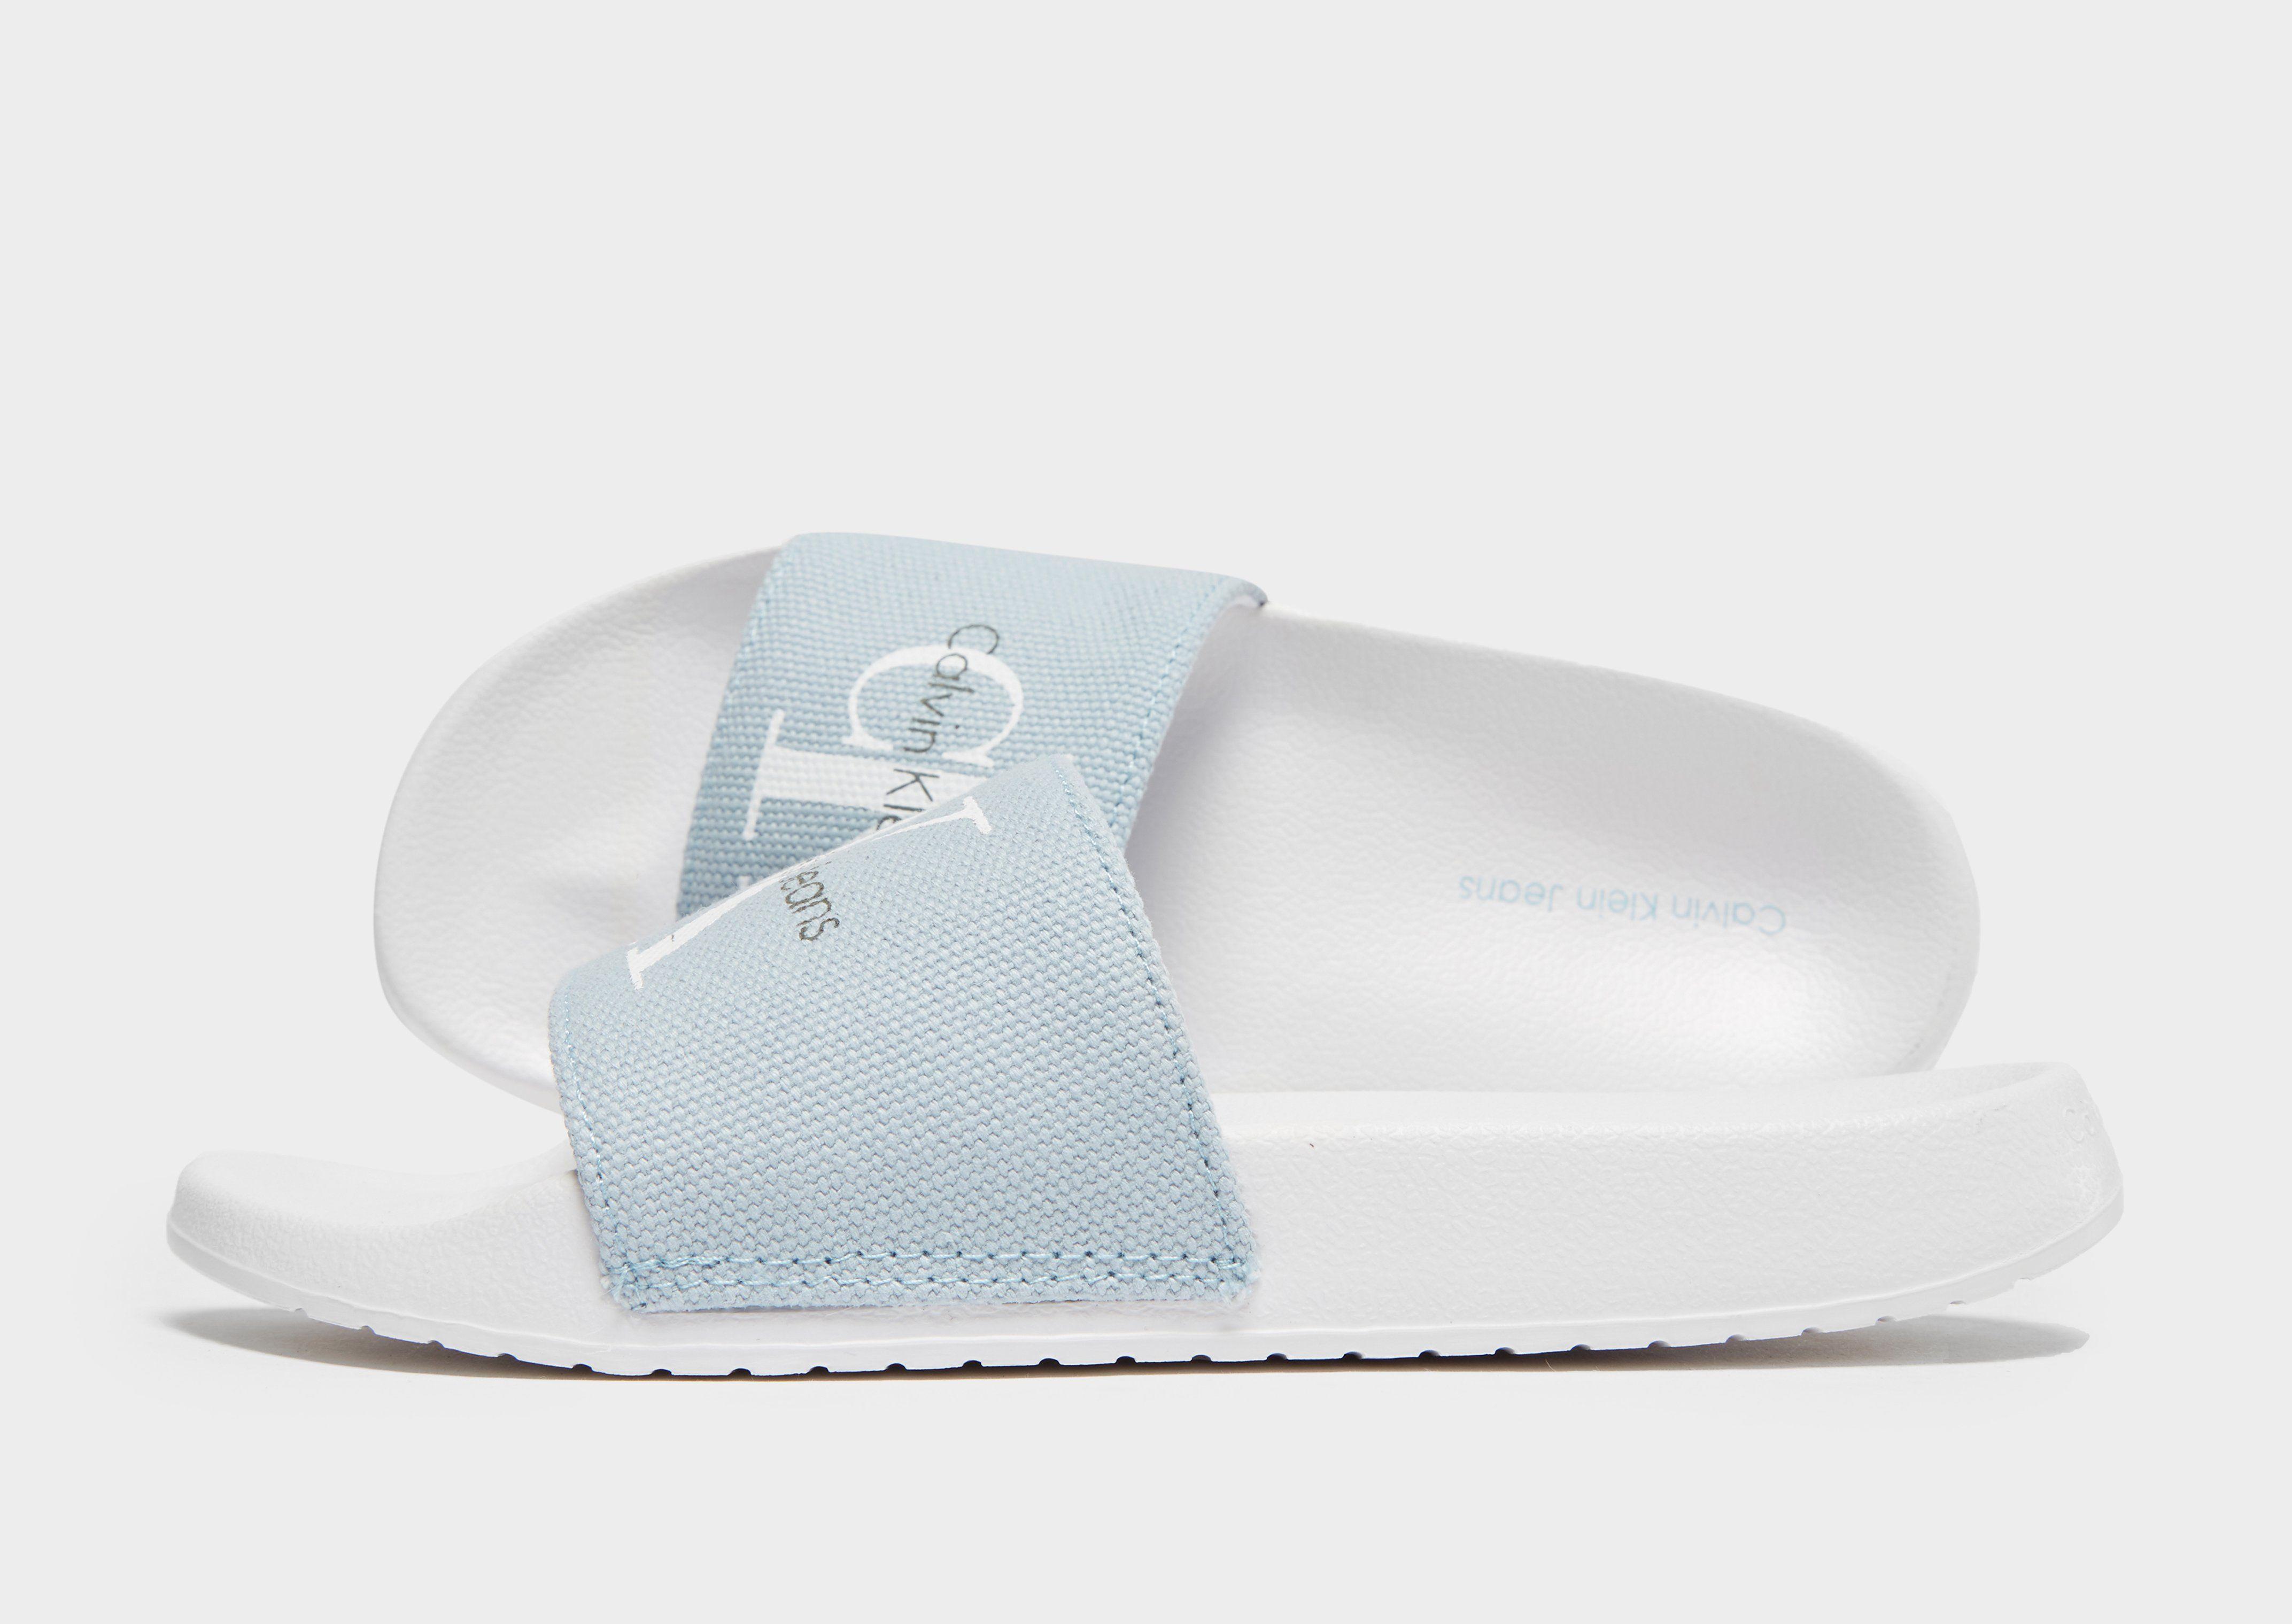 320e398b9e04 Calvin Klein Jeans Chantal Slides Women s